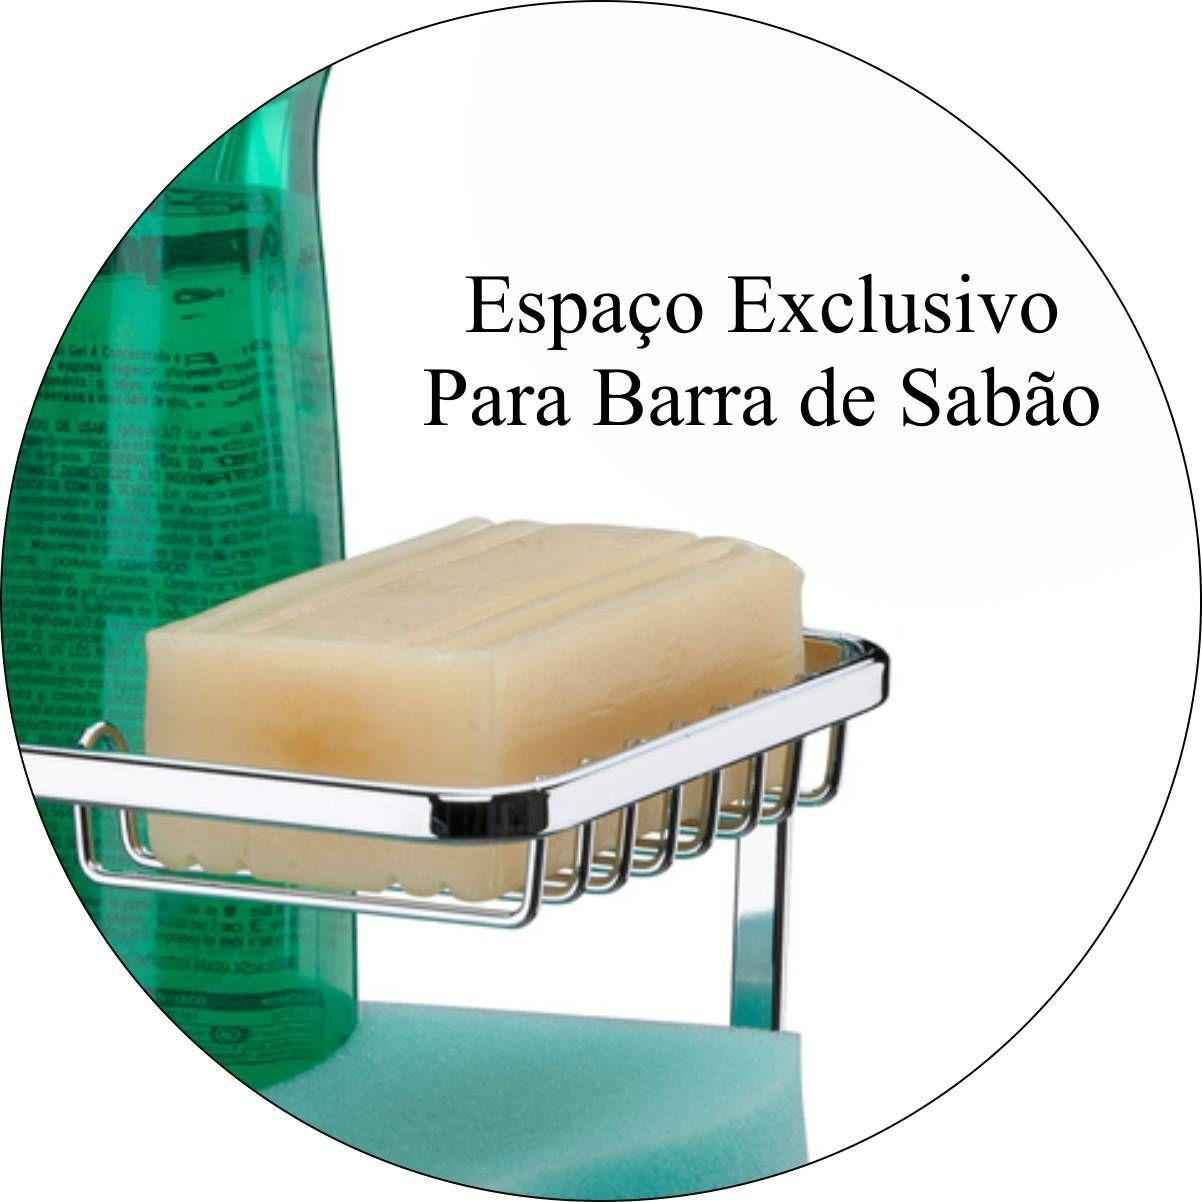 Organizador De Louça Sabão, Detergente E Esponja Para Barra De Cozinha - Aço Cromado